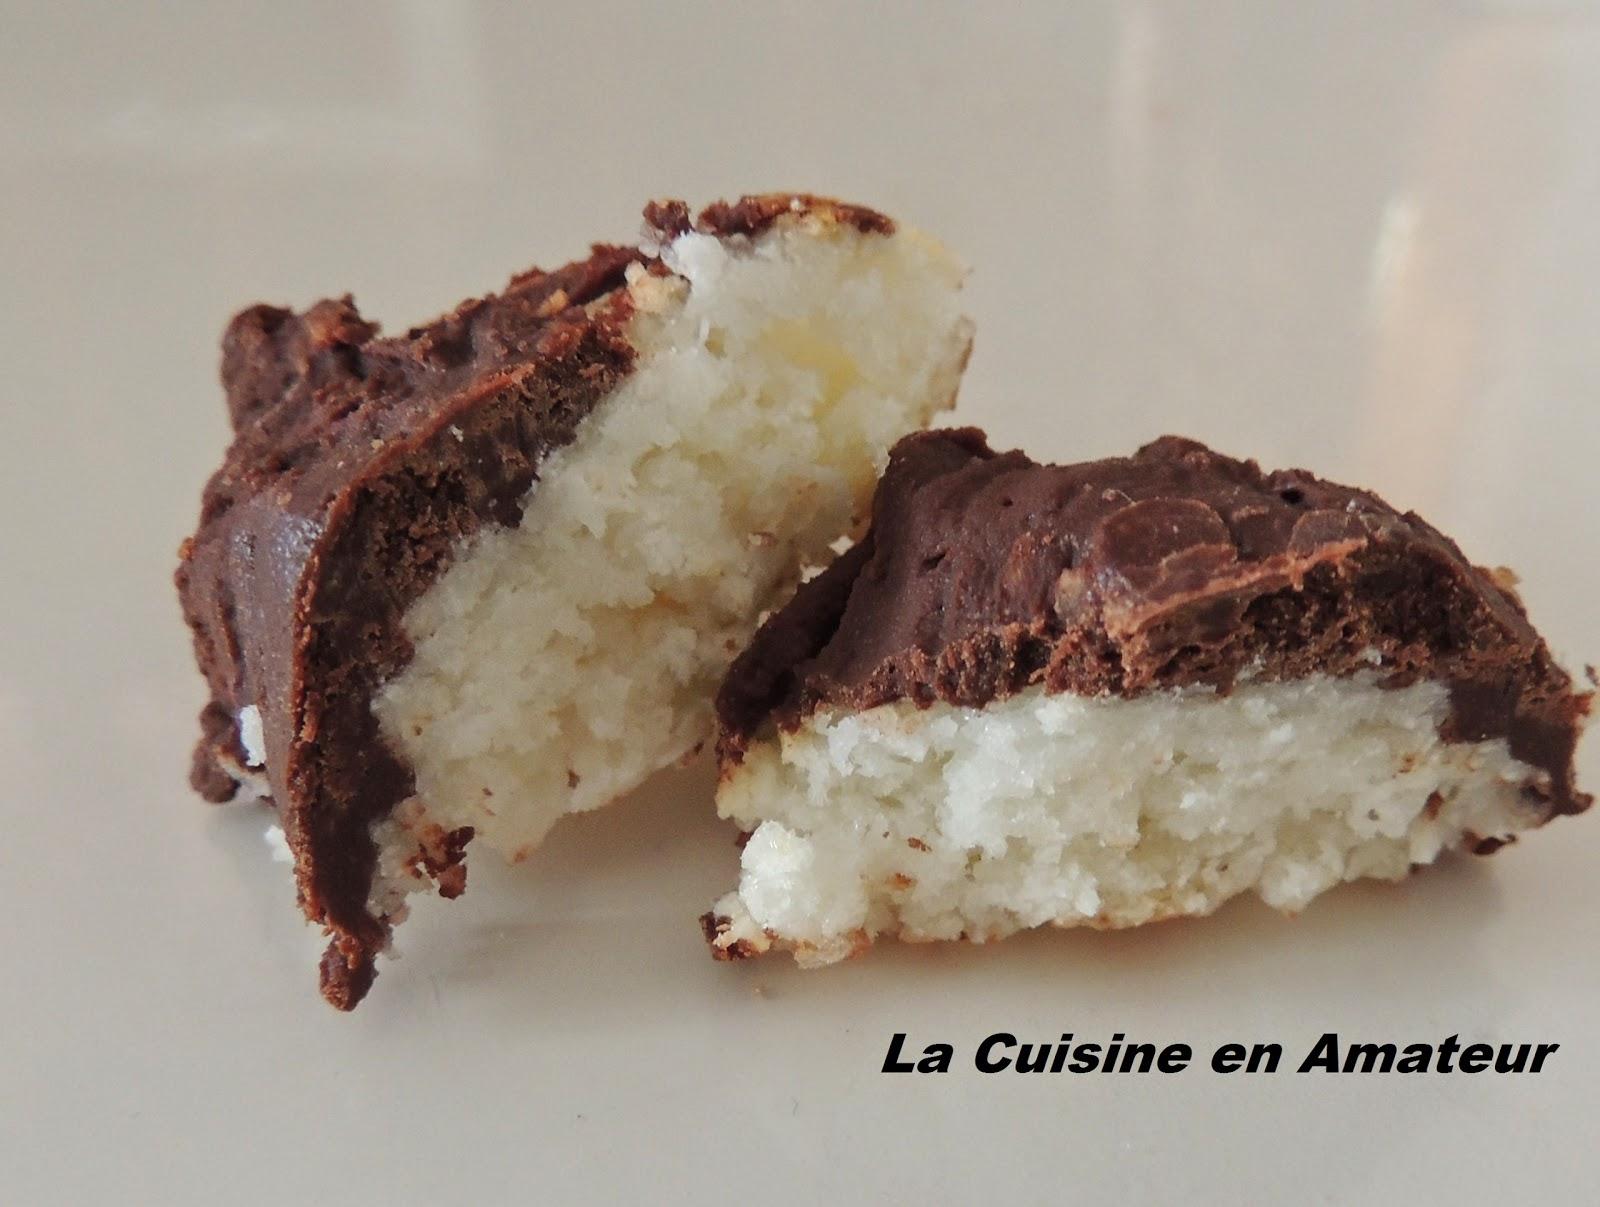 Recette Sans Gluten Marmiton Frais Images La Cuisine En Amateur De Maryline Desserts